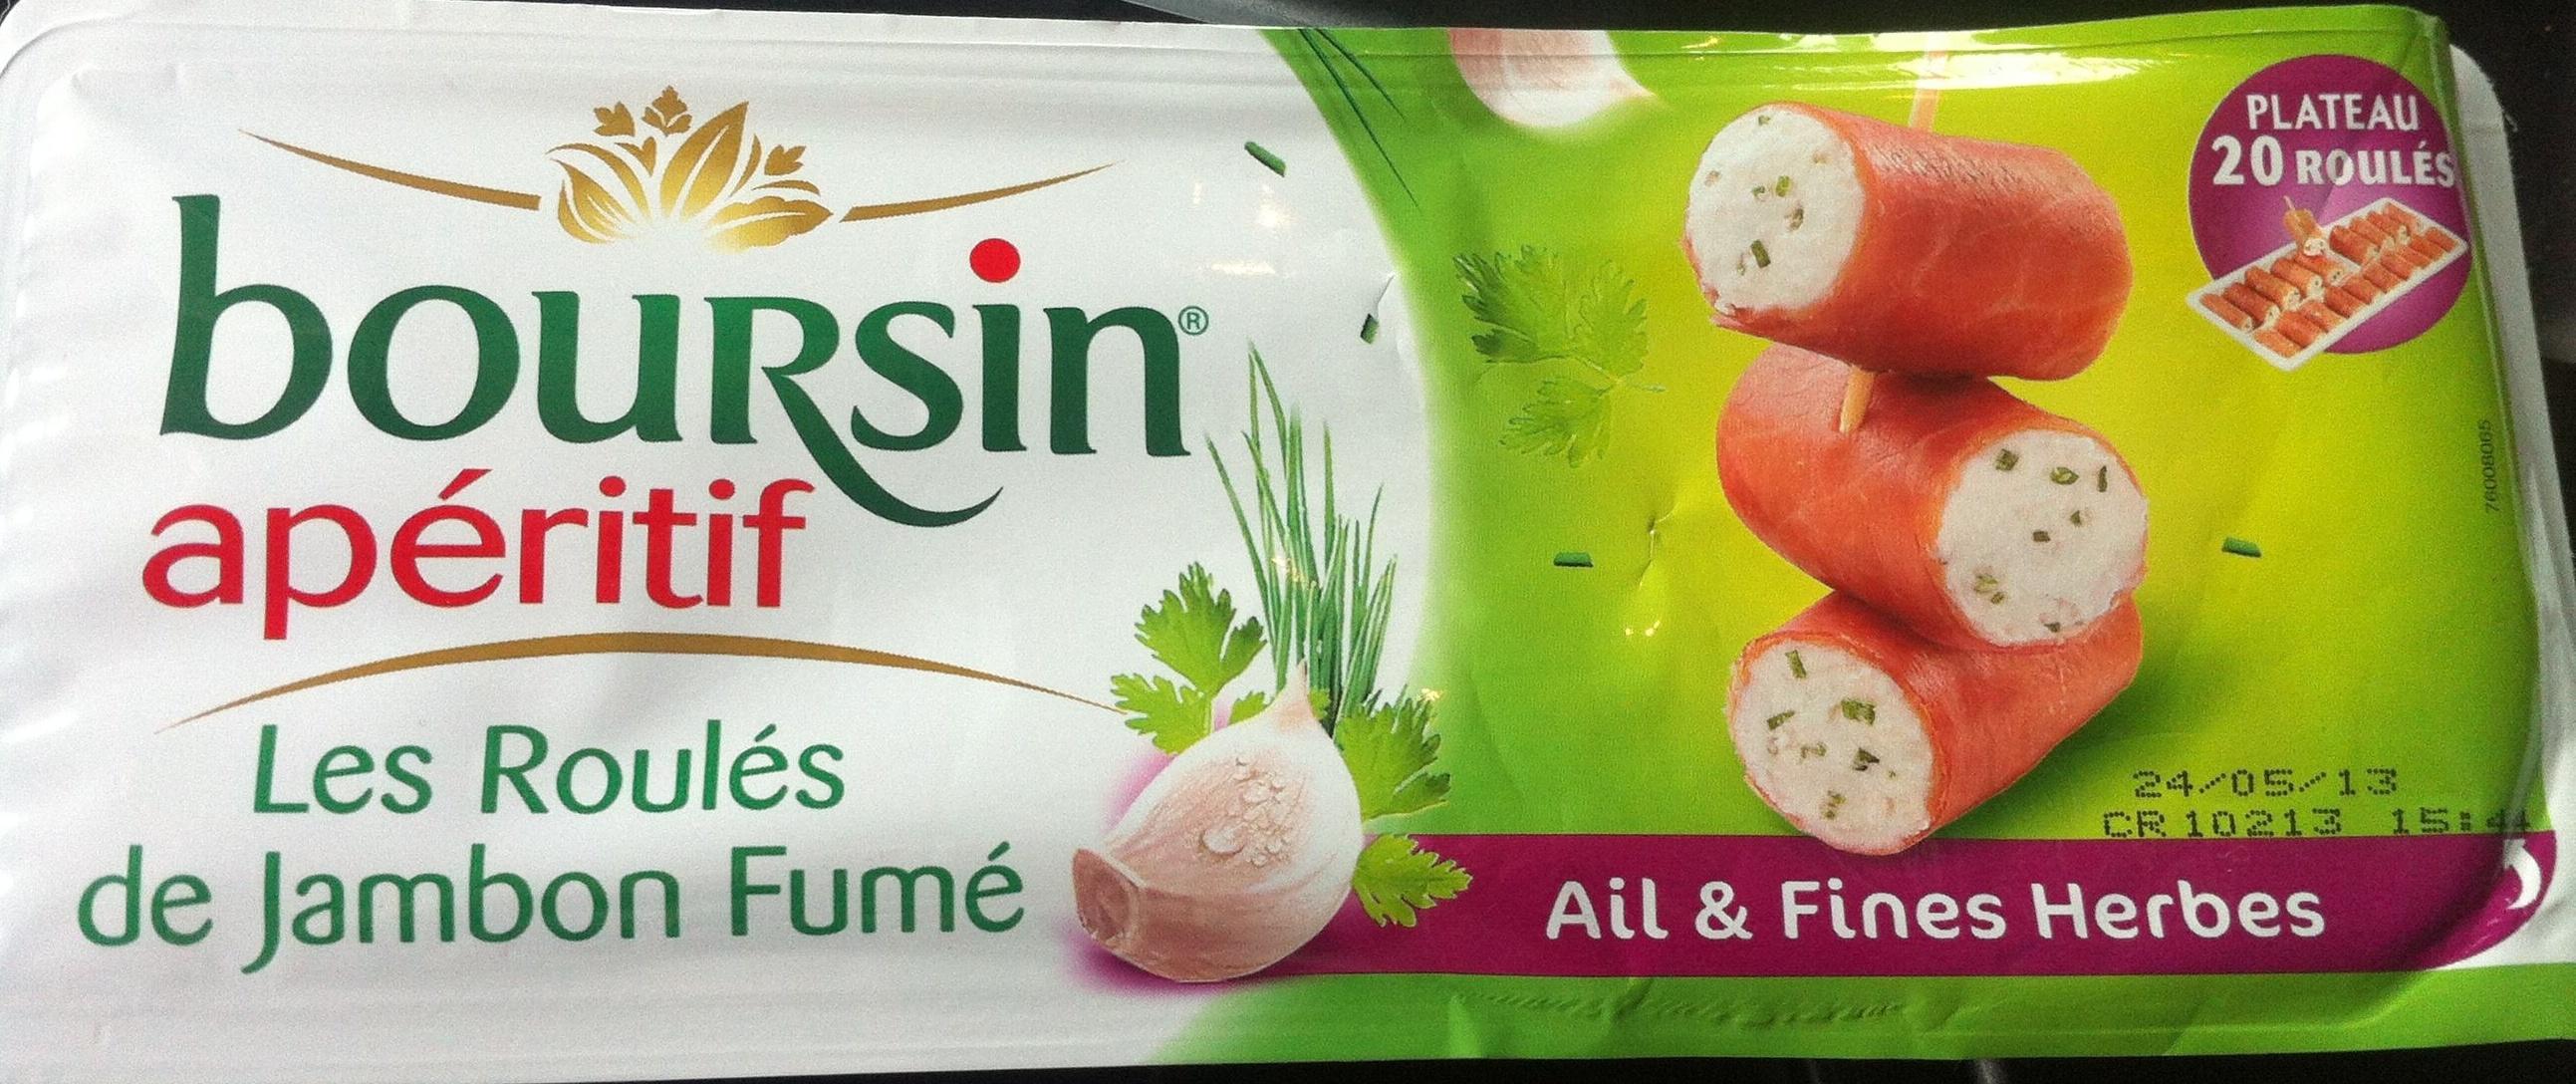 Les Roulés de Jambon Fumé (Ail & Fines Herbes) Plateau 20 Roulés - Produkt - fr